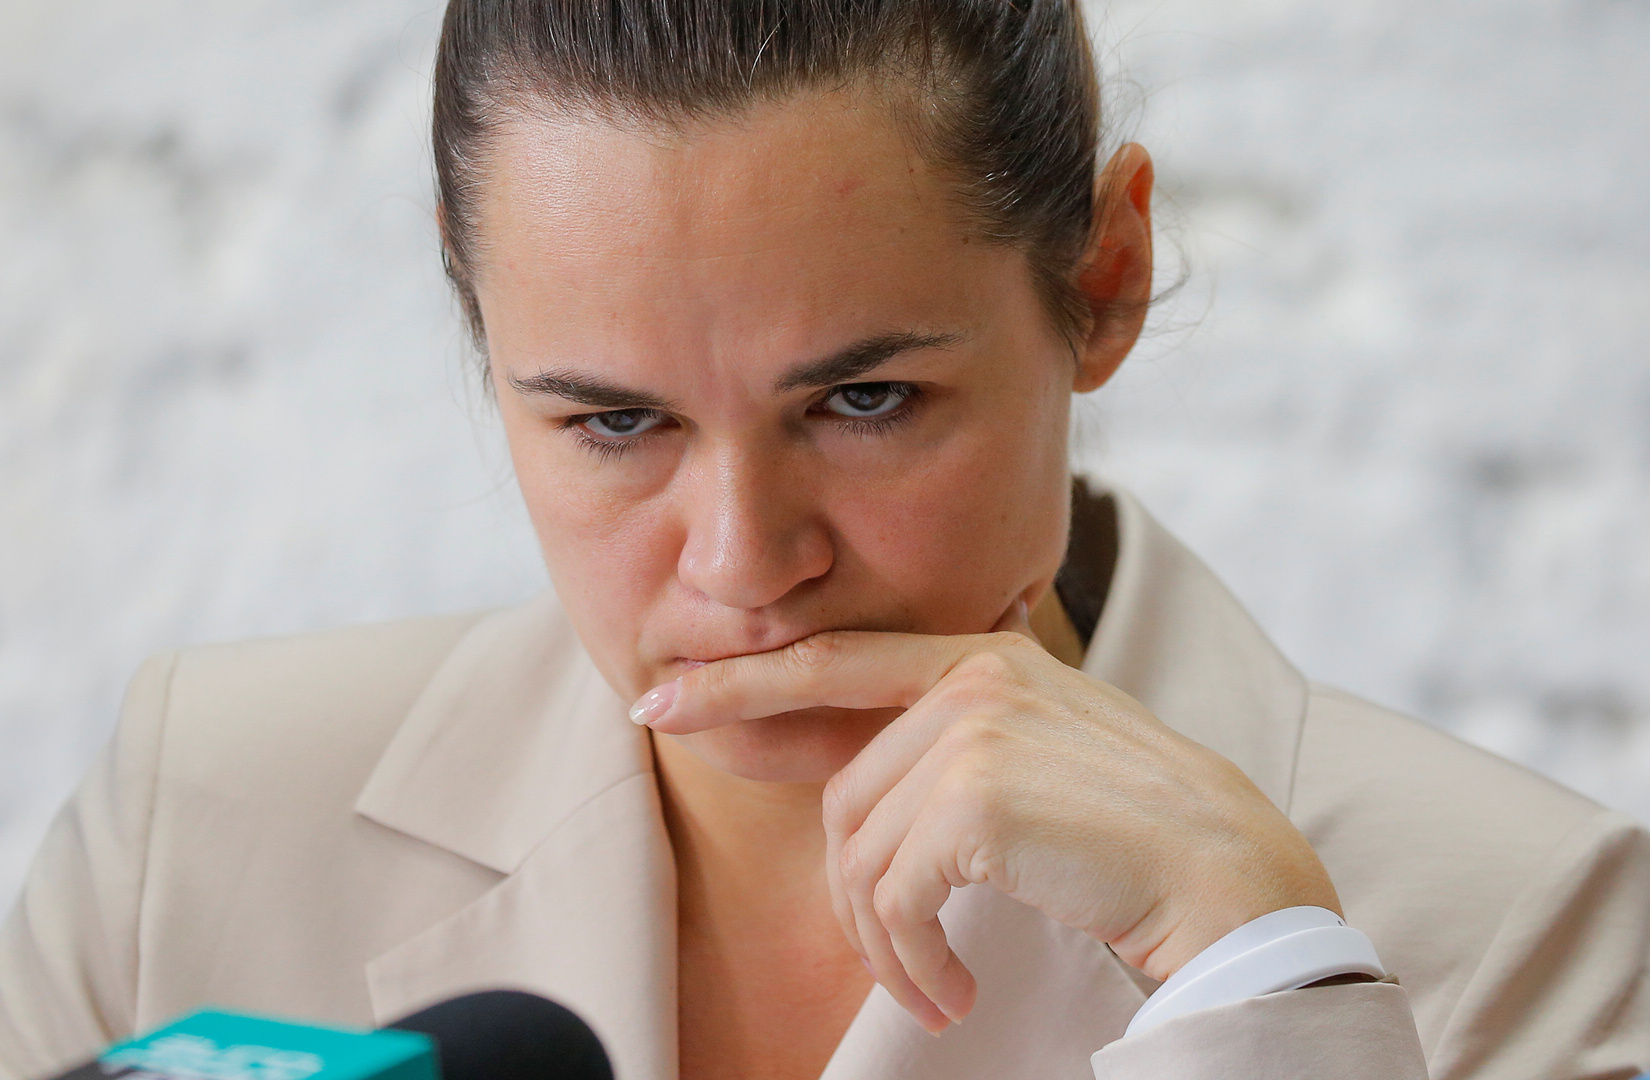 المرشحة السابقة لرئاسة بيلاروس، سفيتلانا تيخانوفسكايا